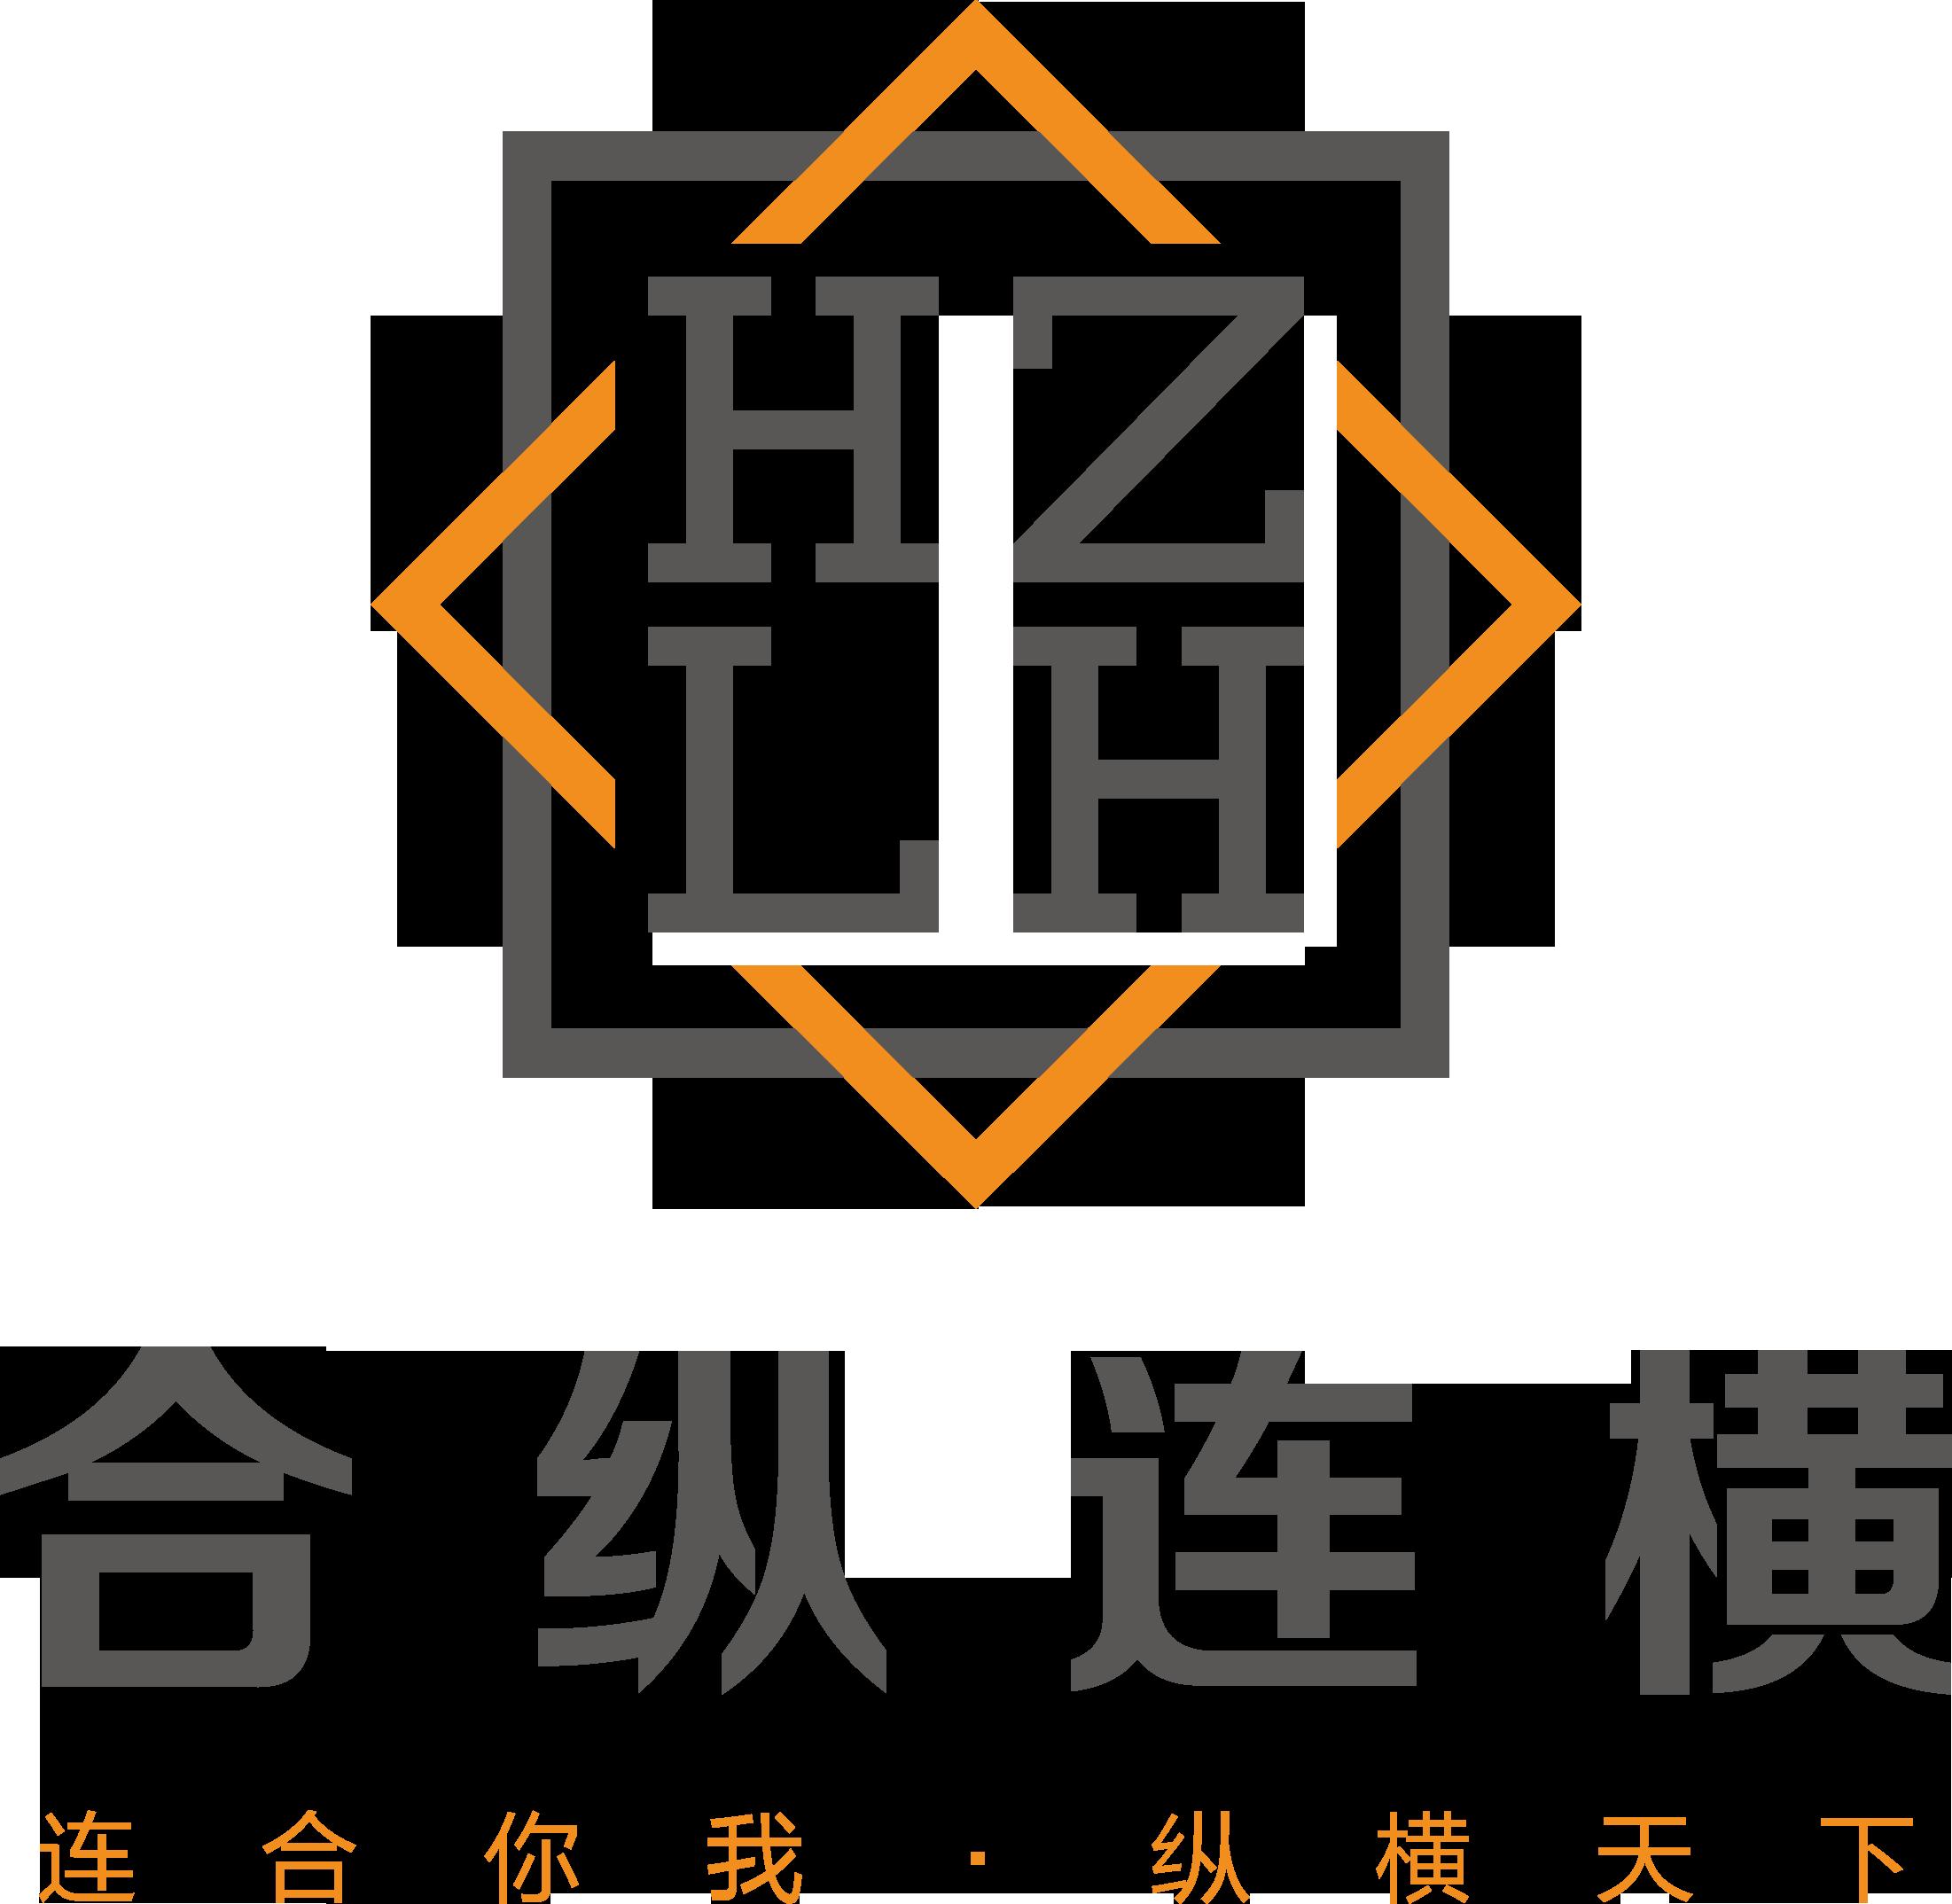 南京合纵连横供应链管理股份有限公司